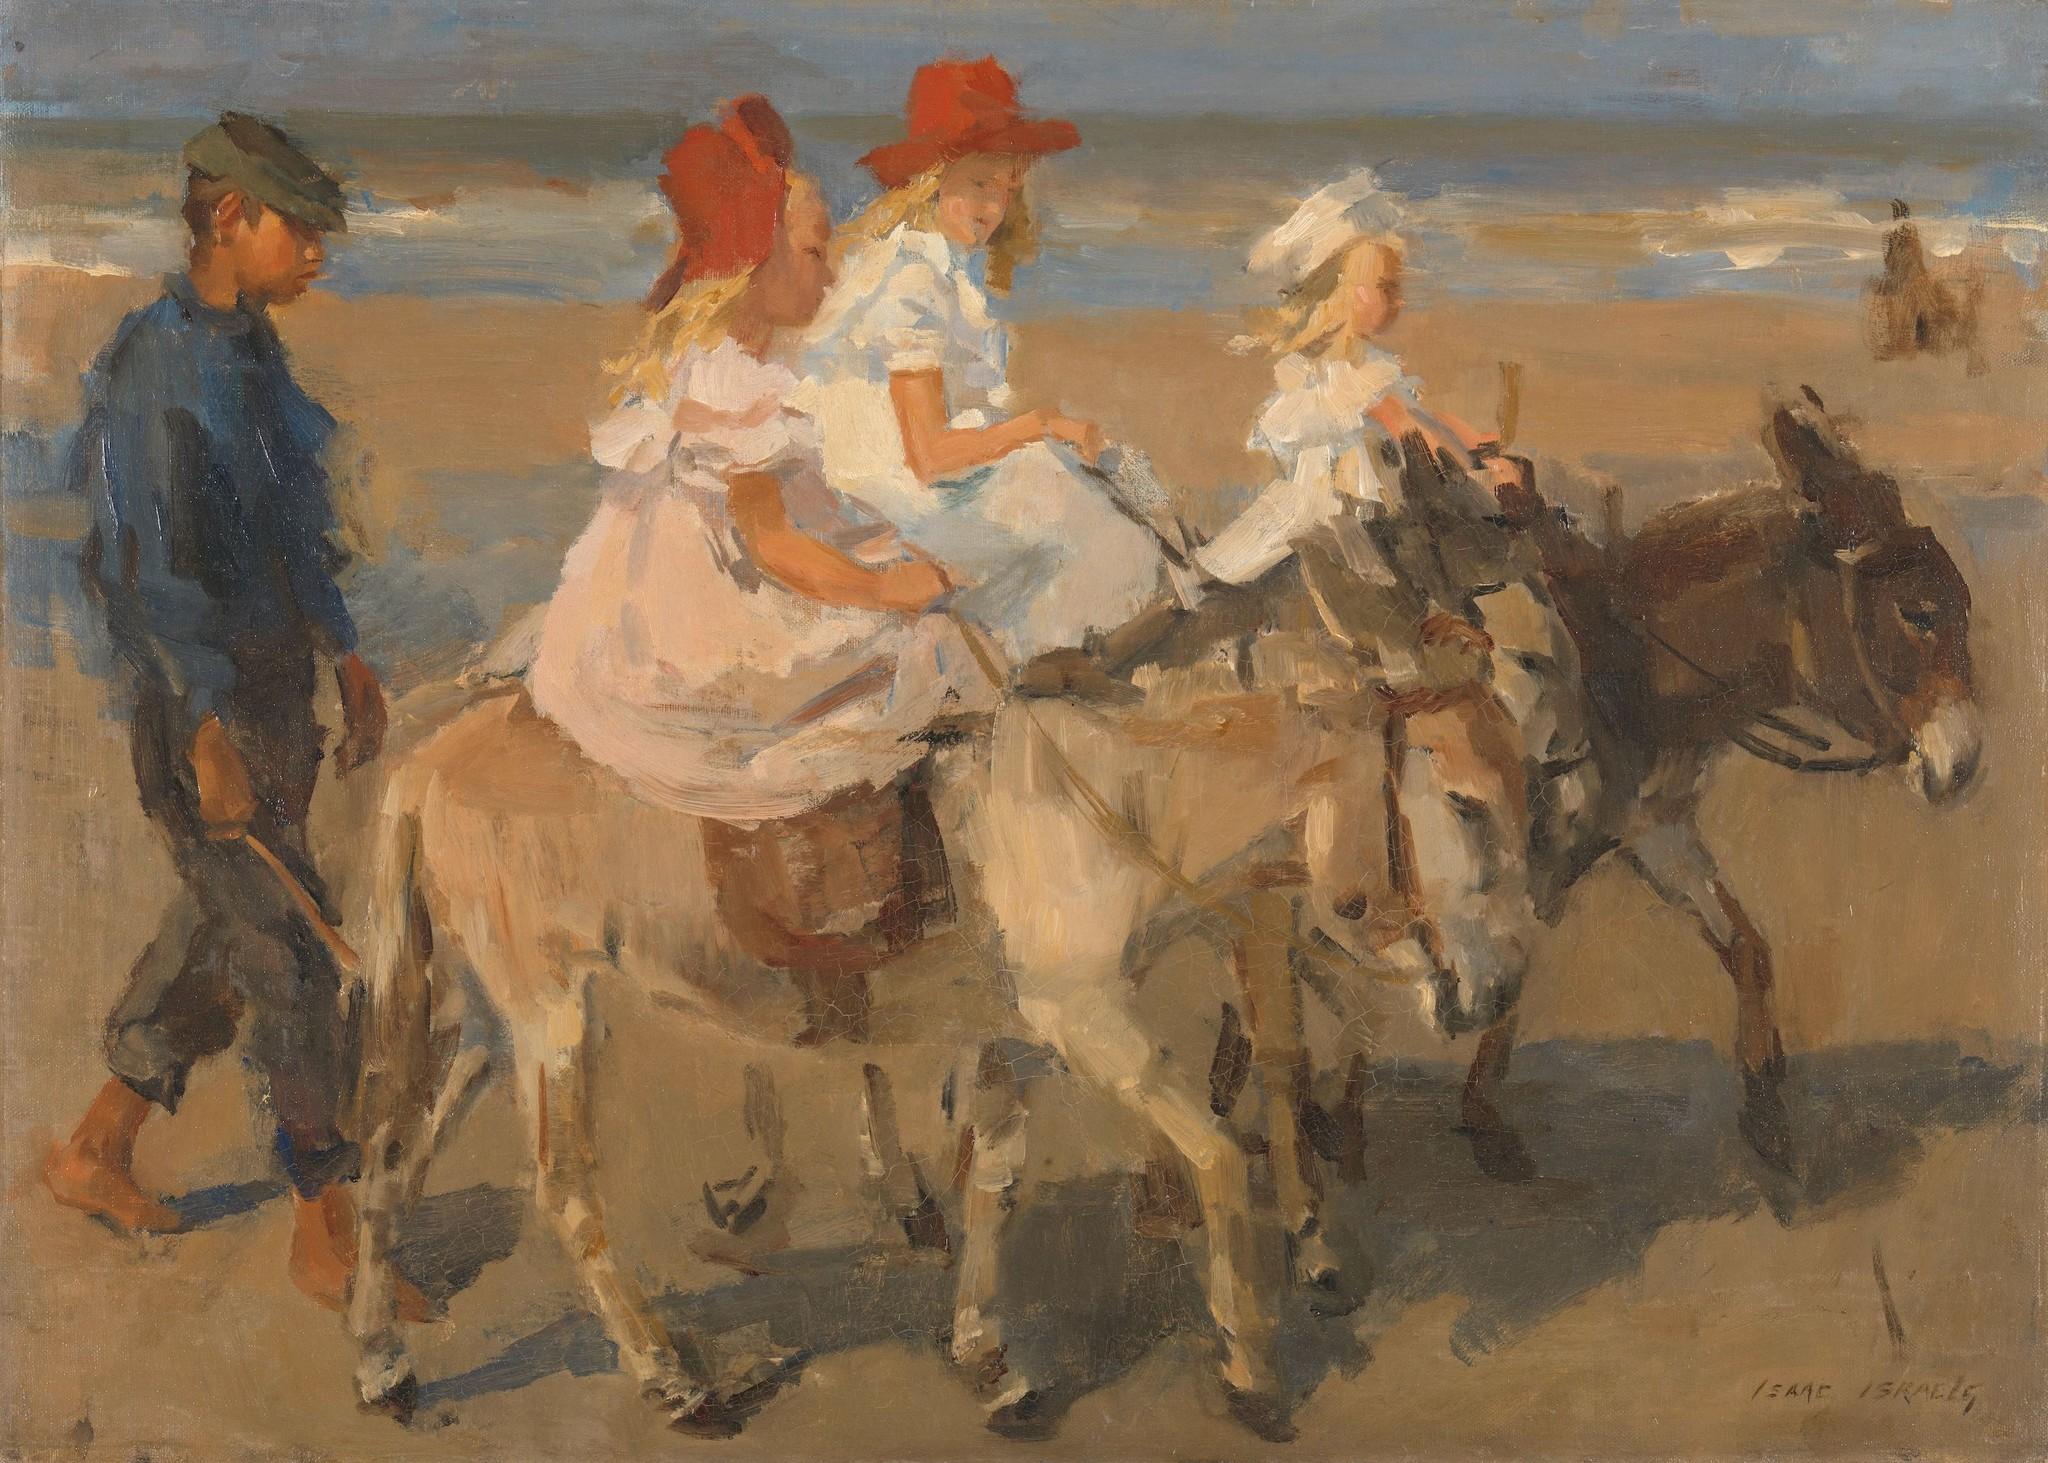 Schilderij - Ezeltje rijden langs het strand, Isaac Israels, ca. 1890 - ca. 1901 100x70cm